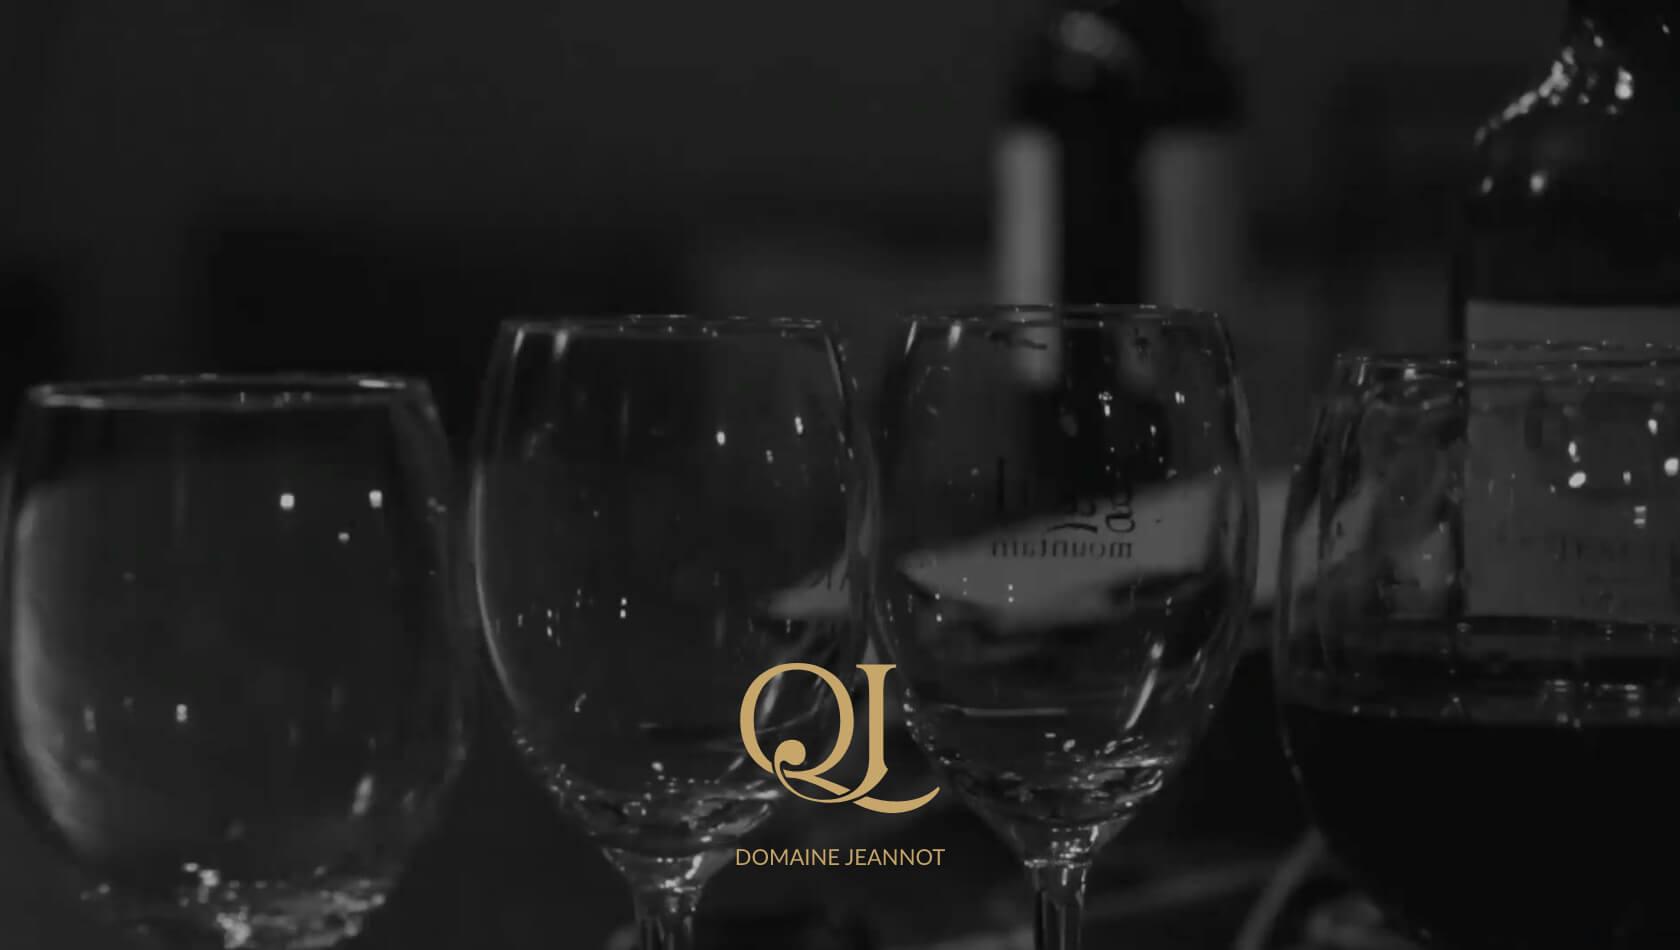 Domaine Jeannot : FX s'invite en Bourgogne